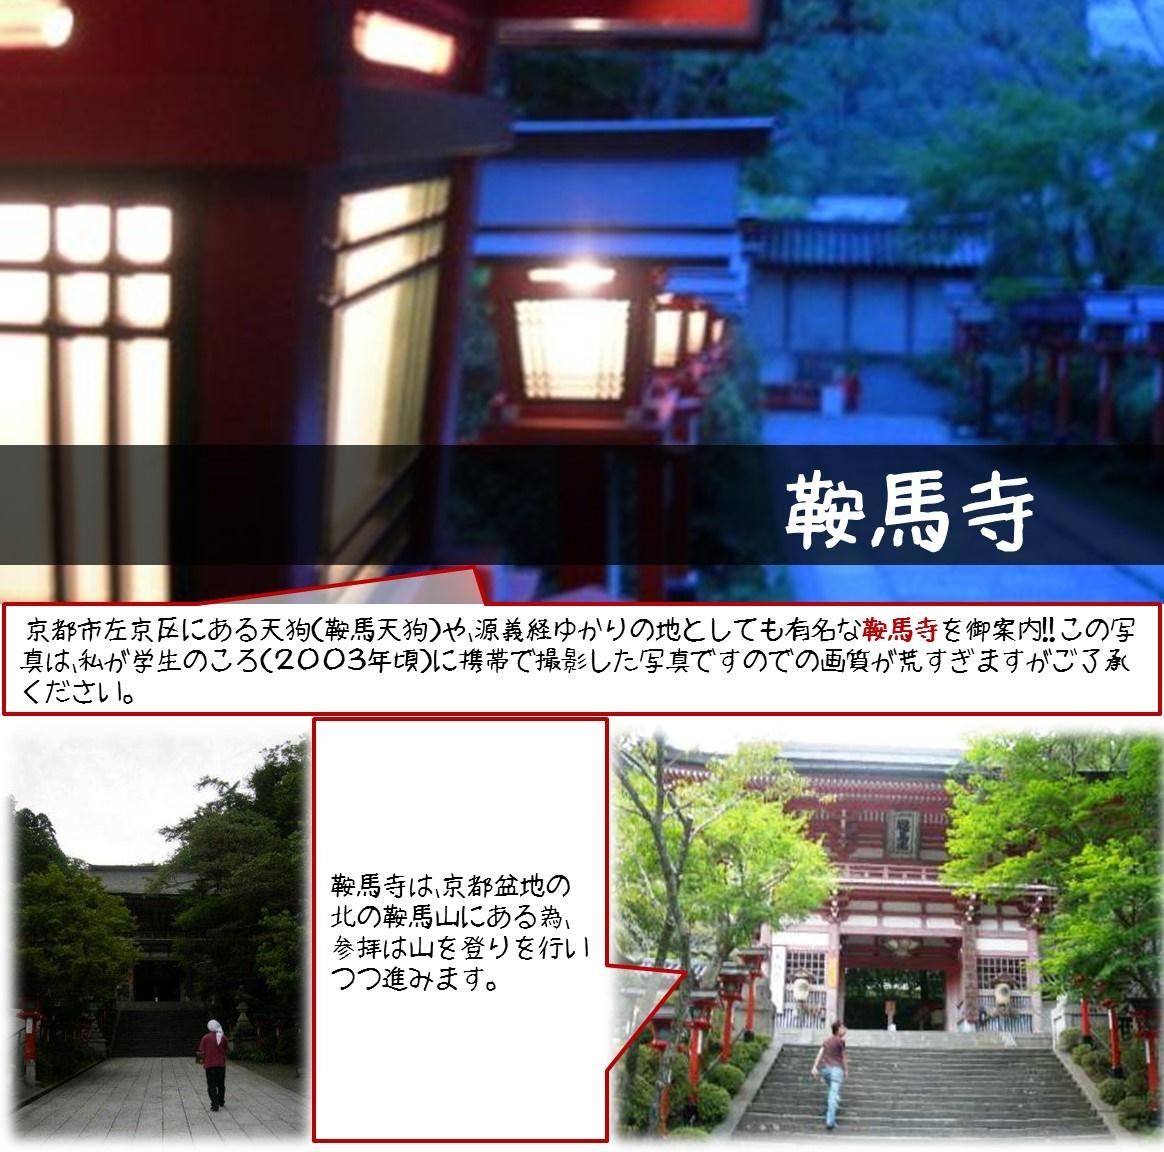 鞍馬寺 京都市左京区にある天狗(鞍馬天狗)や、源義経ゆかりの地としても有名な鞍馬寺を御案内!! この写真は、私が学生のころ( 2003年頃)に携帯で撮影した写真ですのでの画質が荒すぎますがご了承ください。 鞍馬寺は、京都盆地の北の鞍馬山にある為、参拝は山を登りを行いつつ進みます。